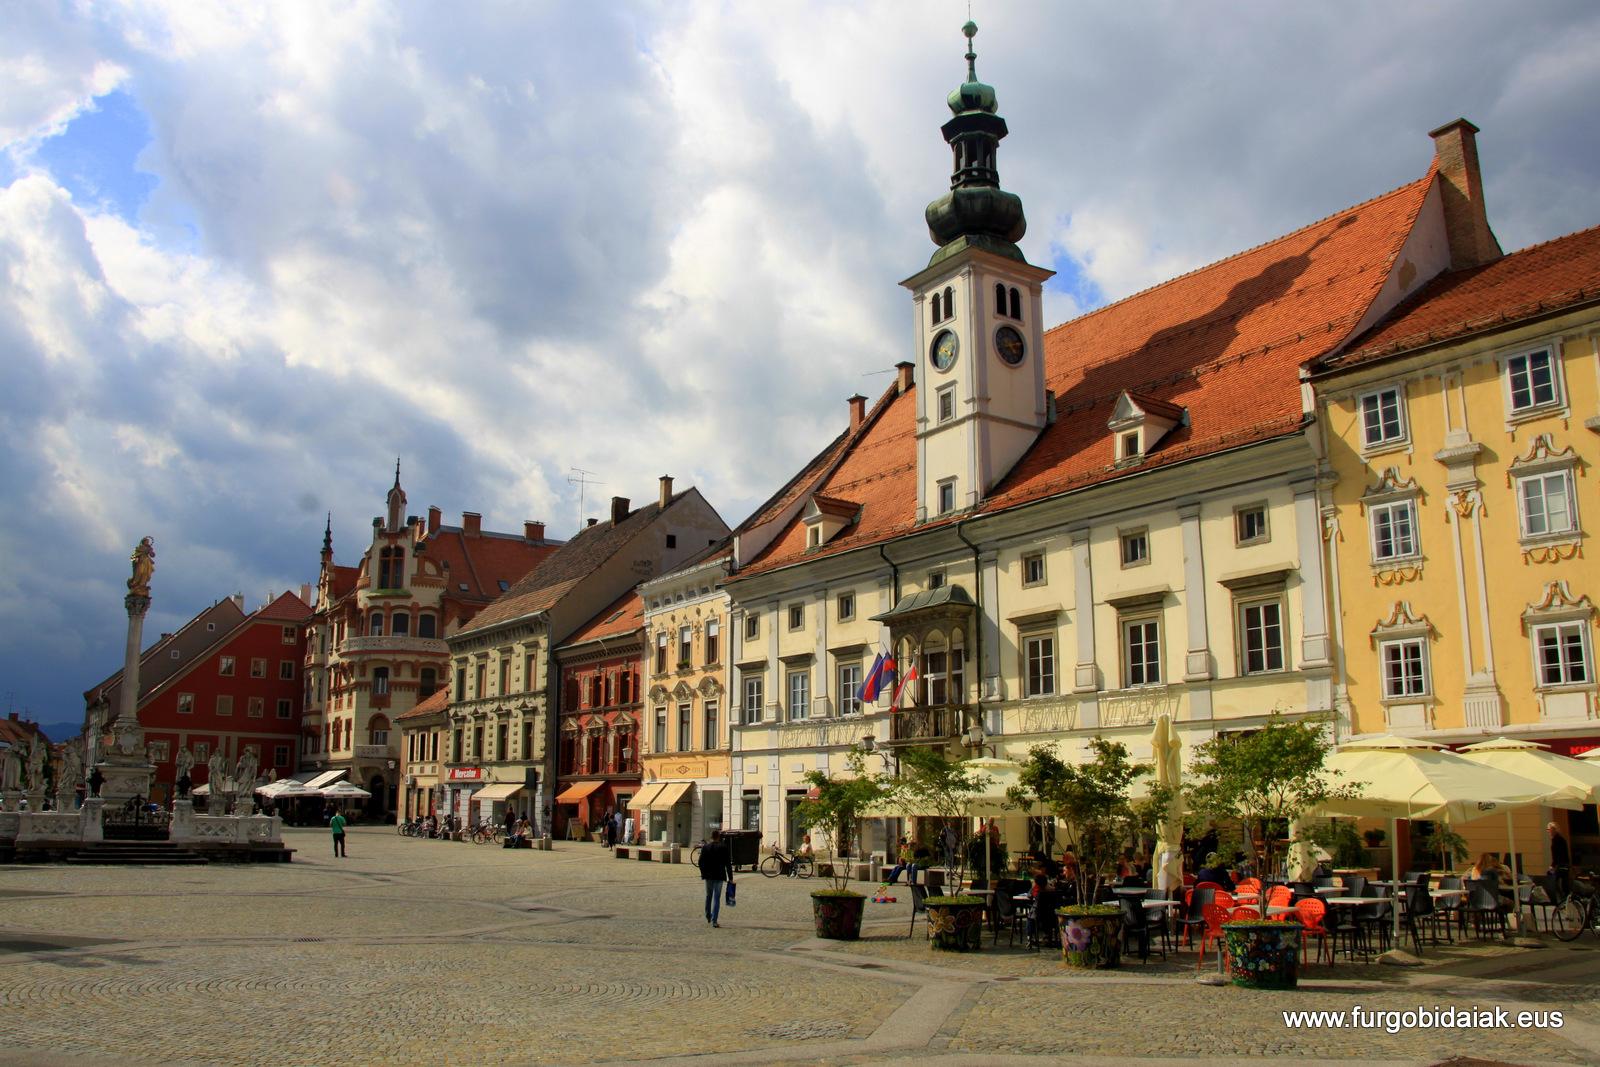 eslovenia Grajksi Trg, Maribor